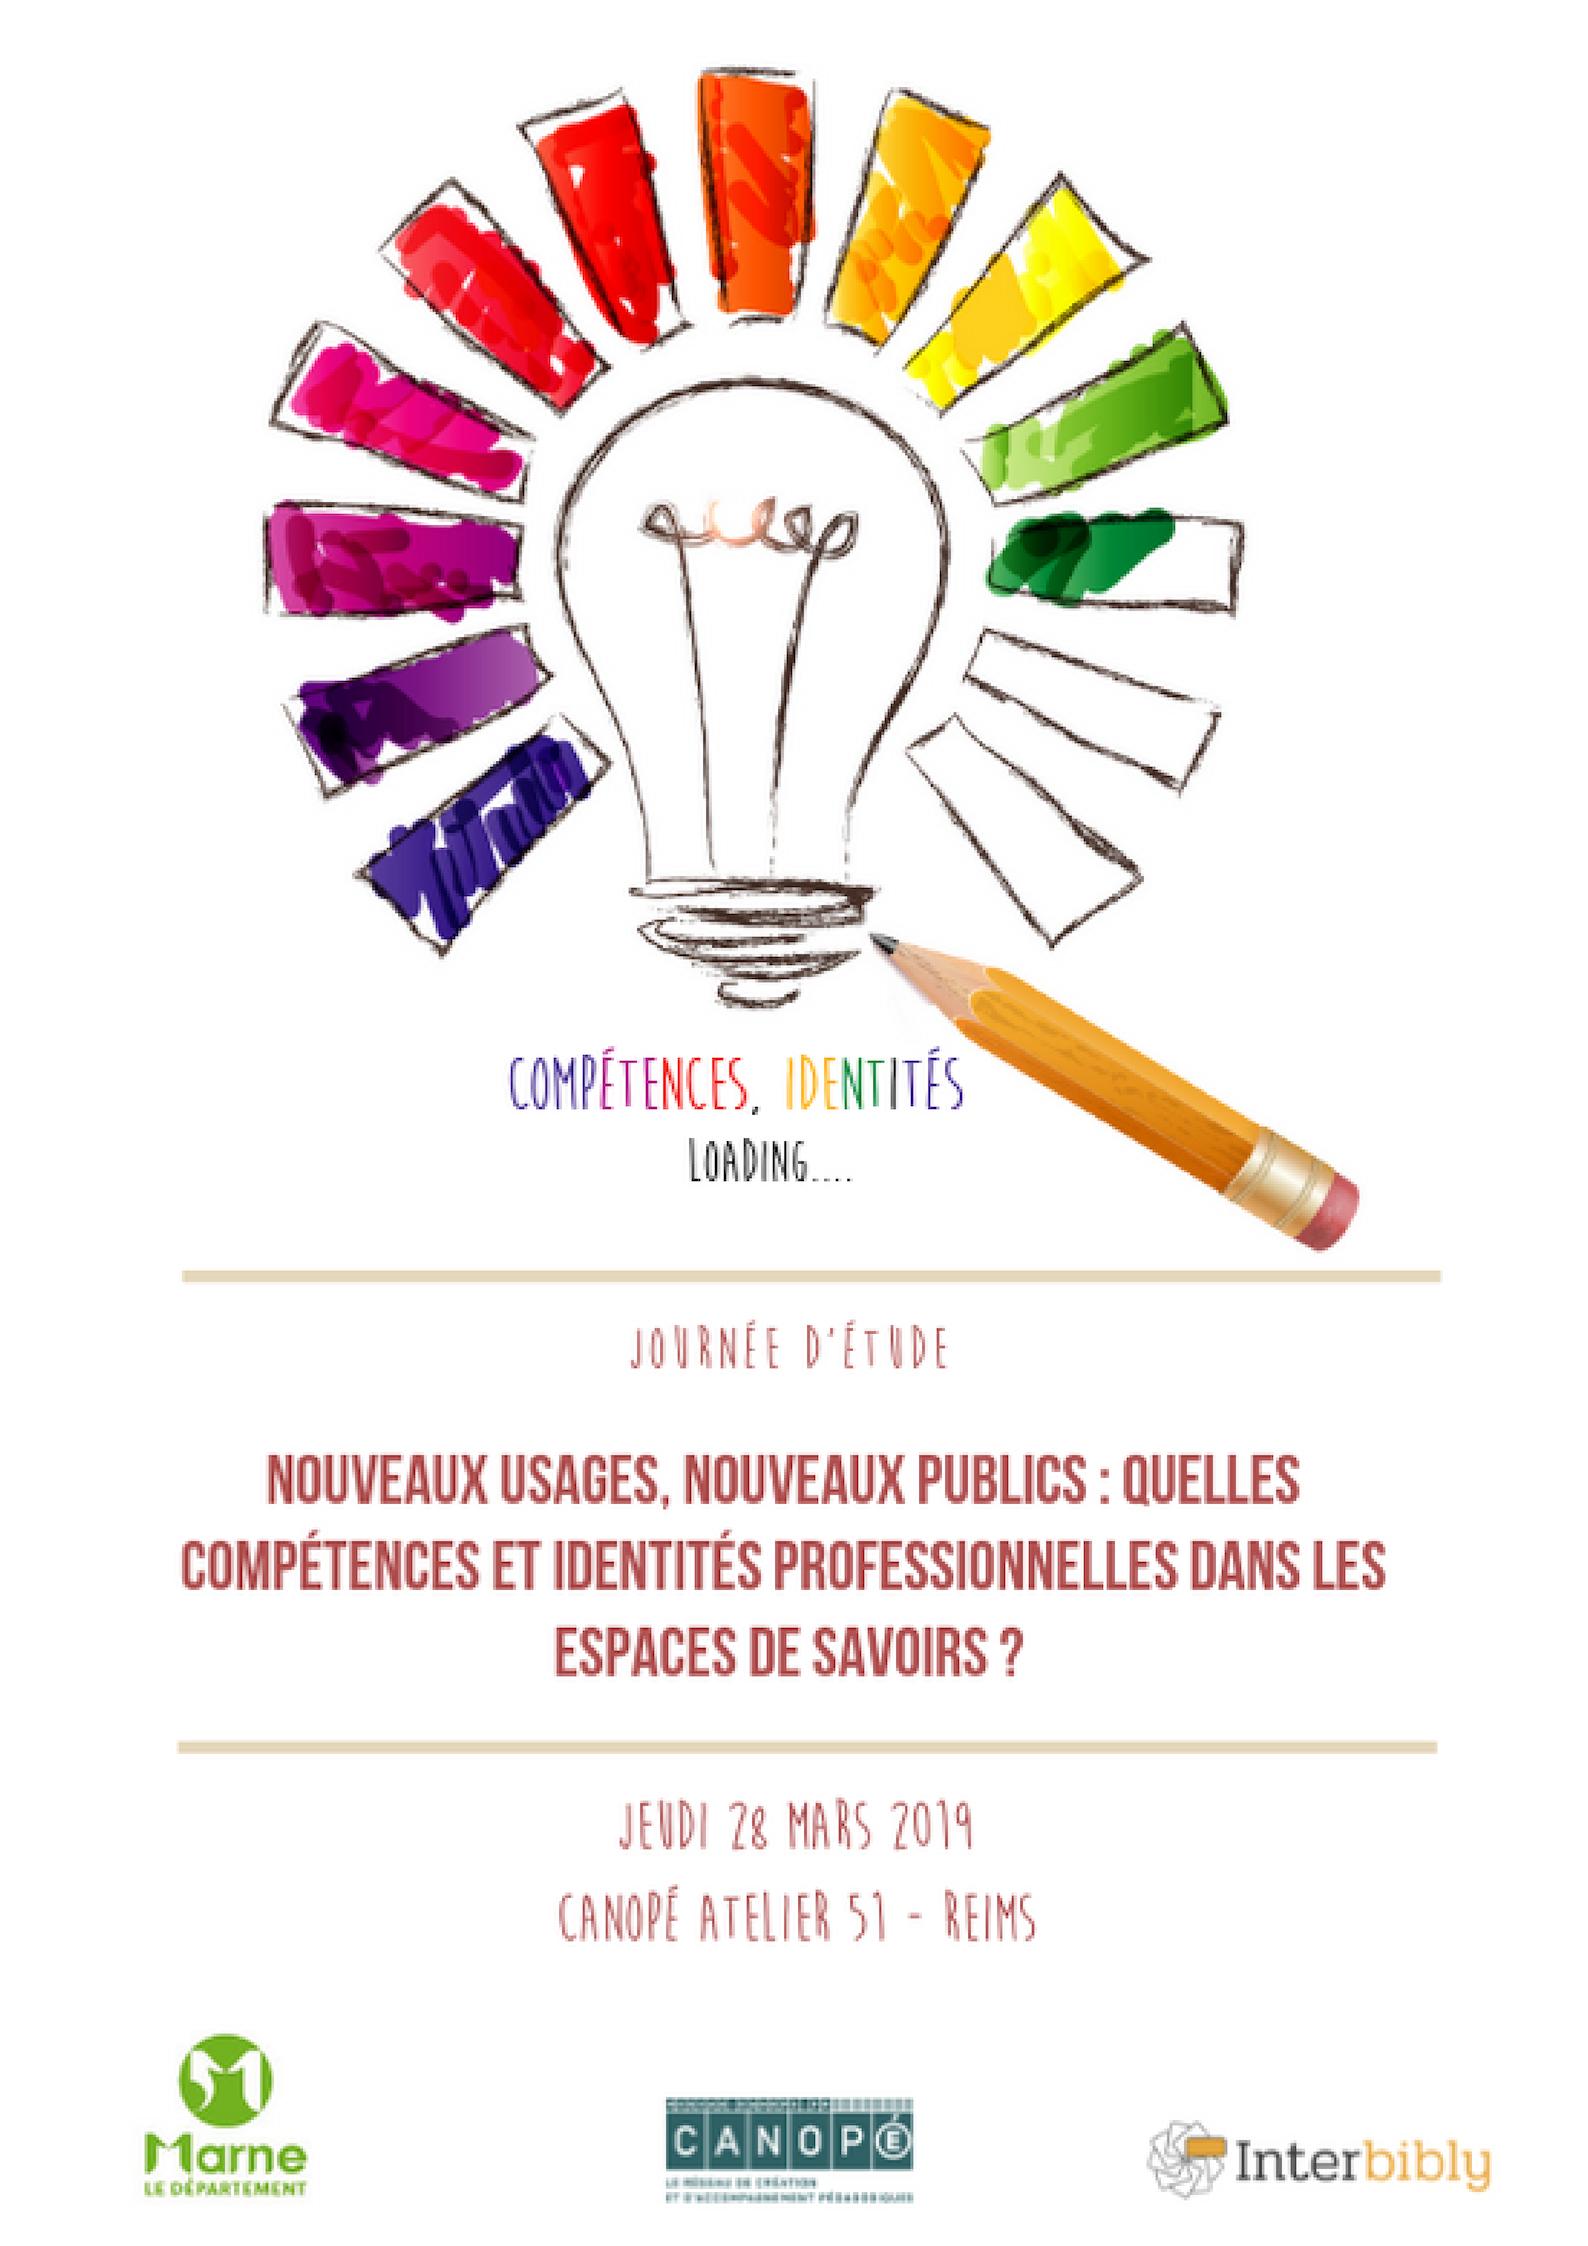 Journée d'étude : Nouveaux usages, nouveaux publics :  quelles compétences et identités professionnelles dans les espaces de savoirs ?